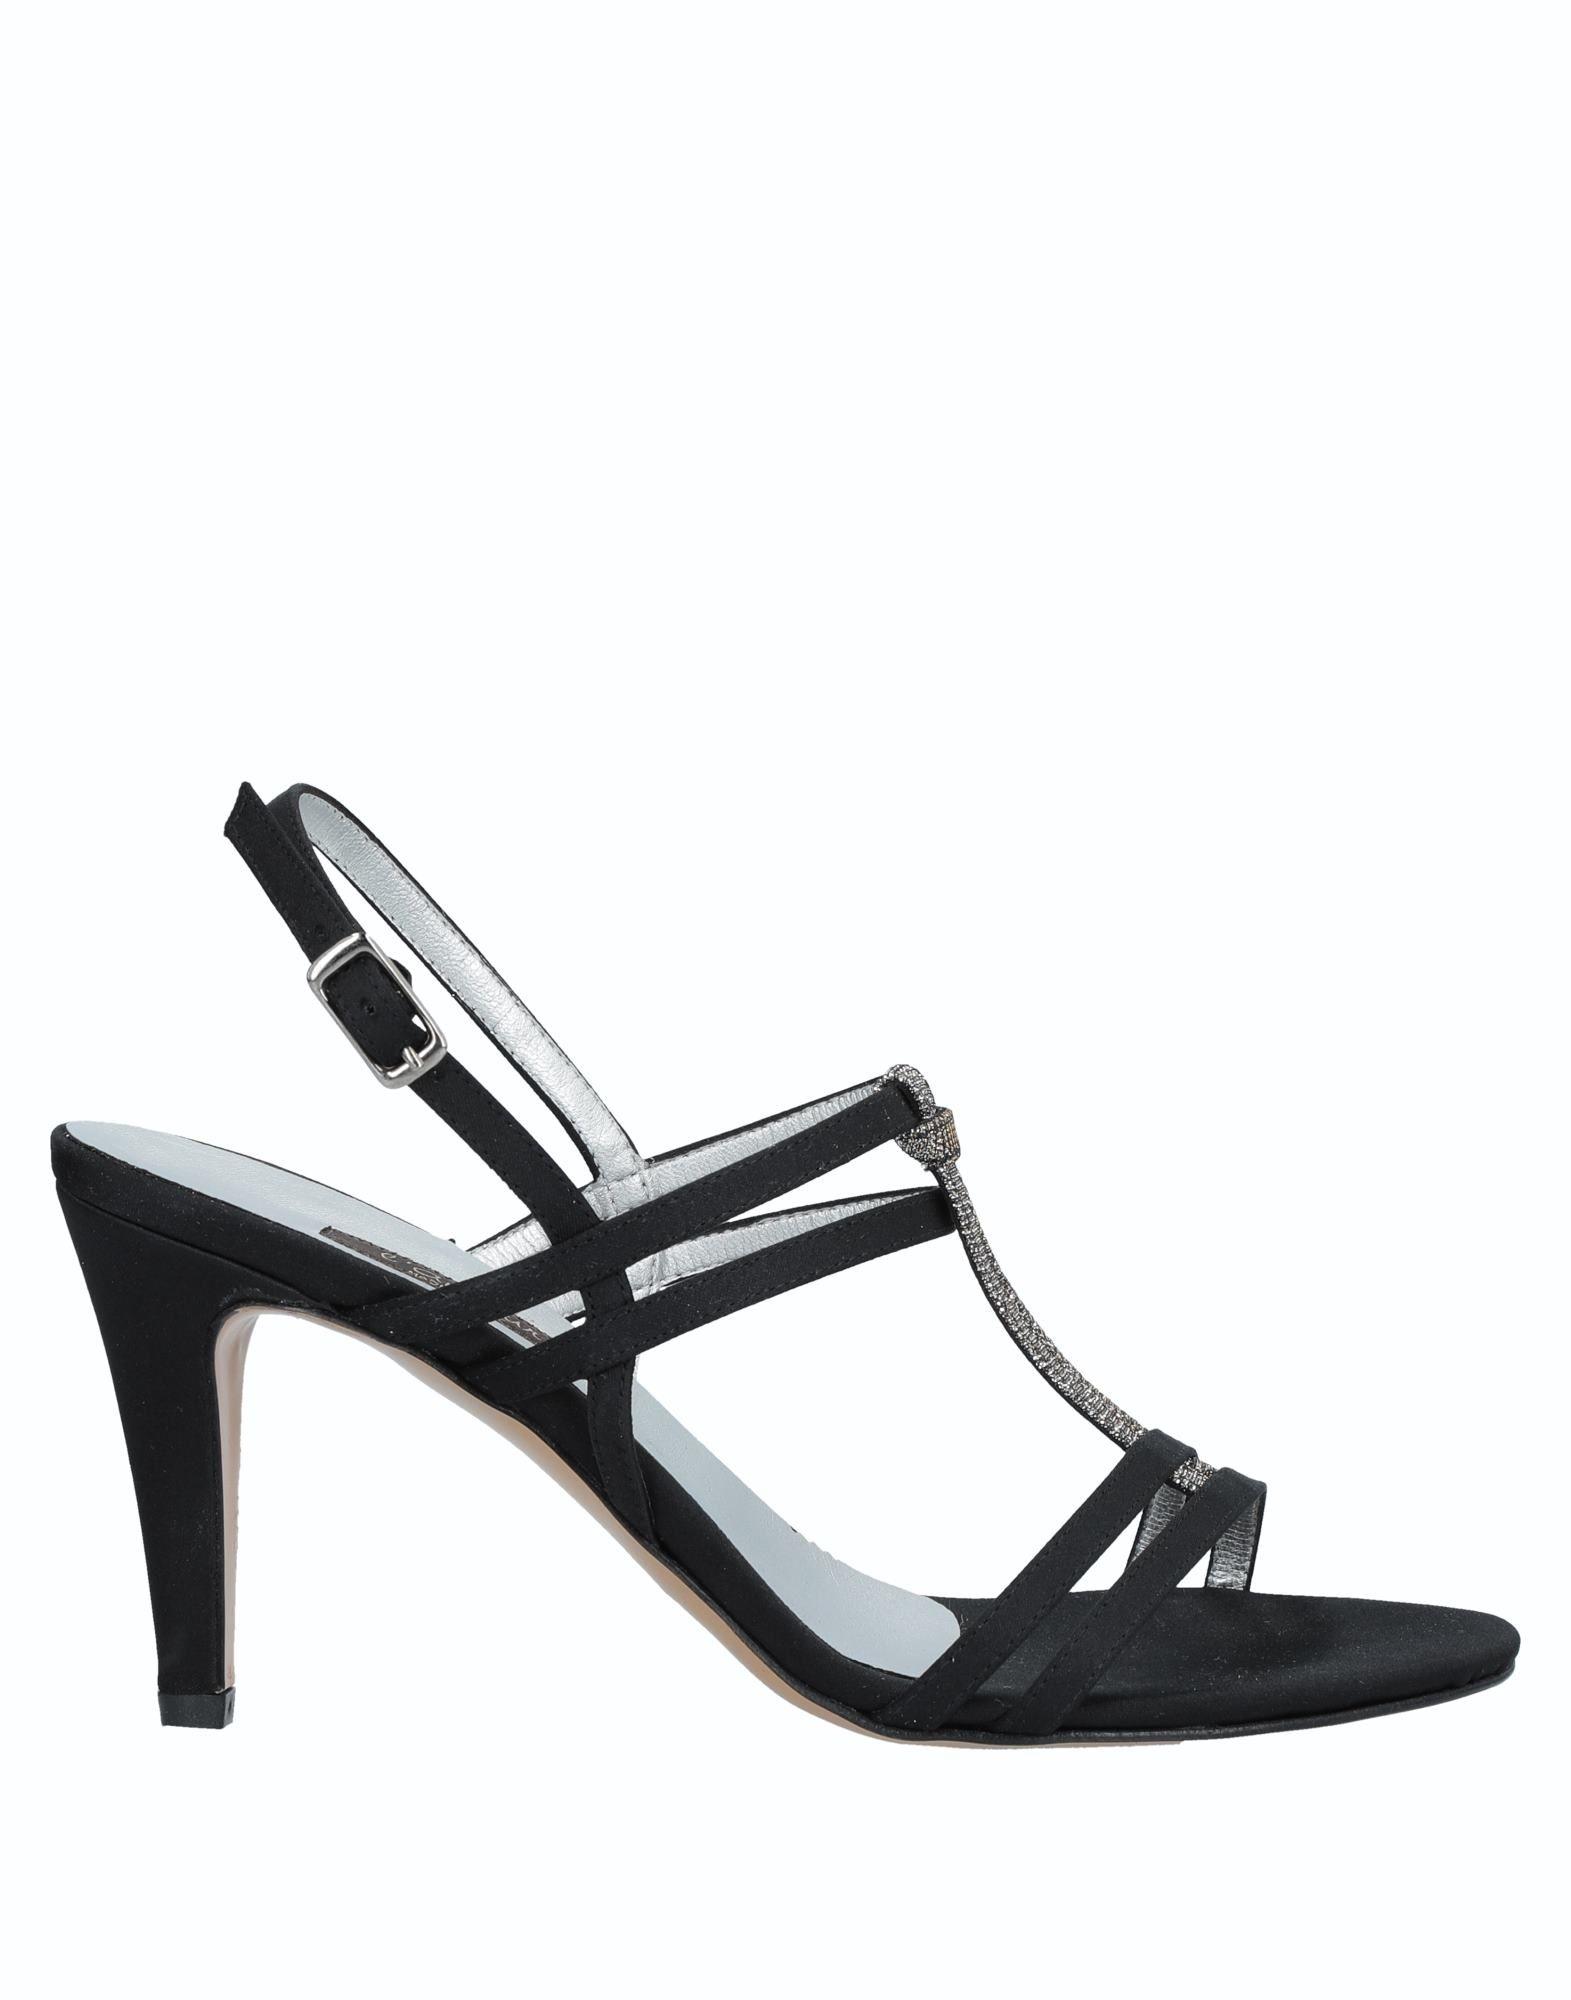 Stivaletti Nuove Todai Donna - 11480481BN Nuove Stivaletti offerte e scarpe comode 6367fa